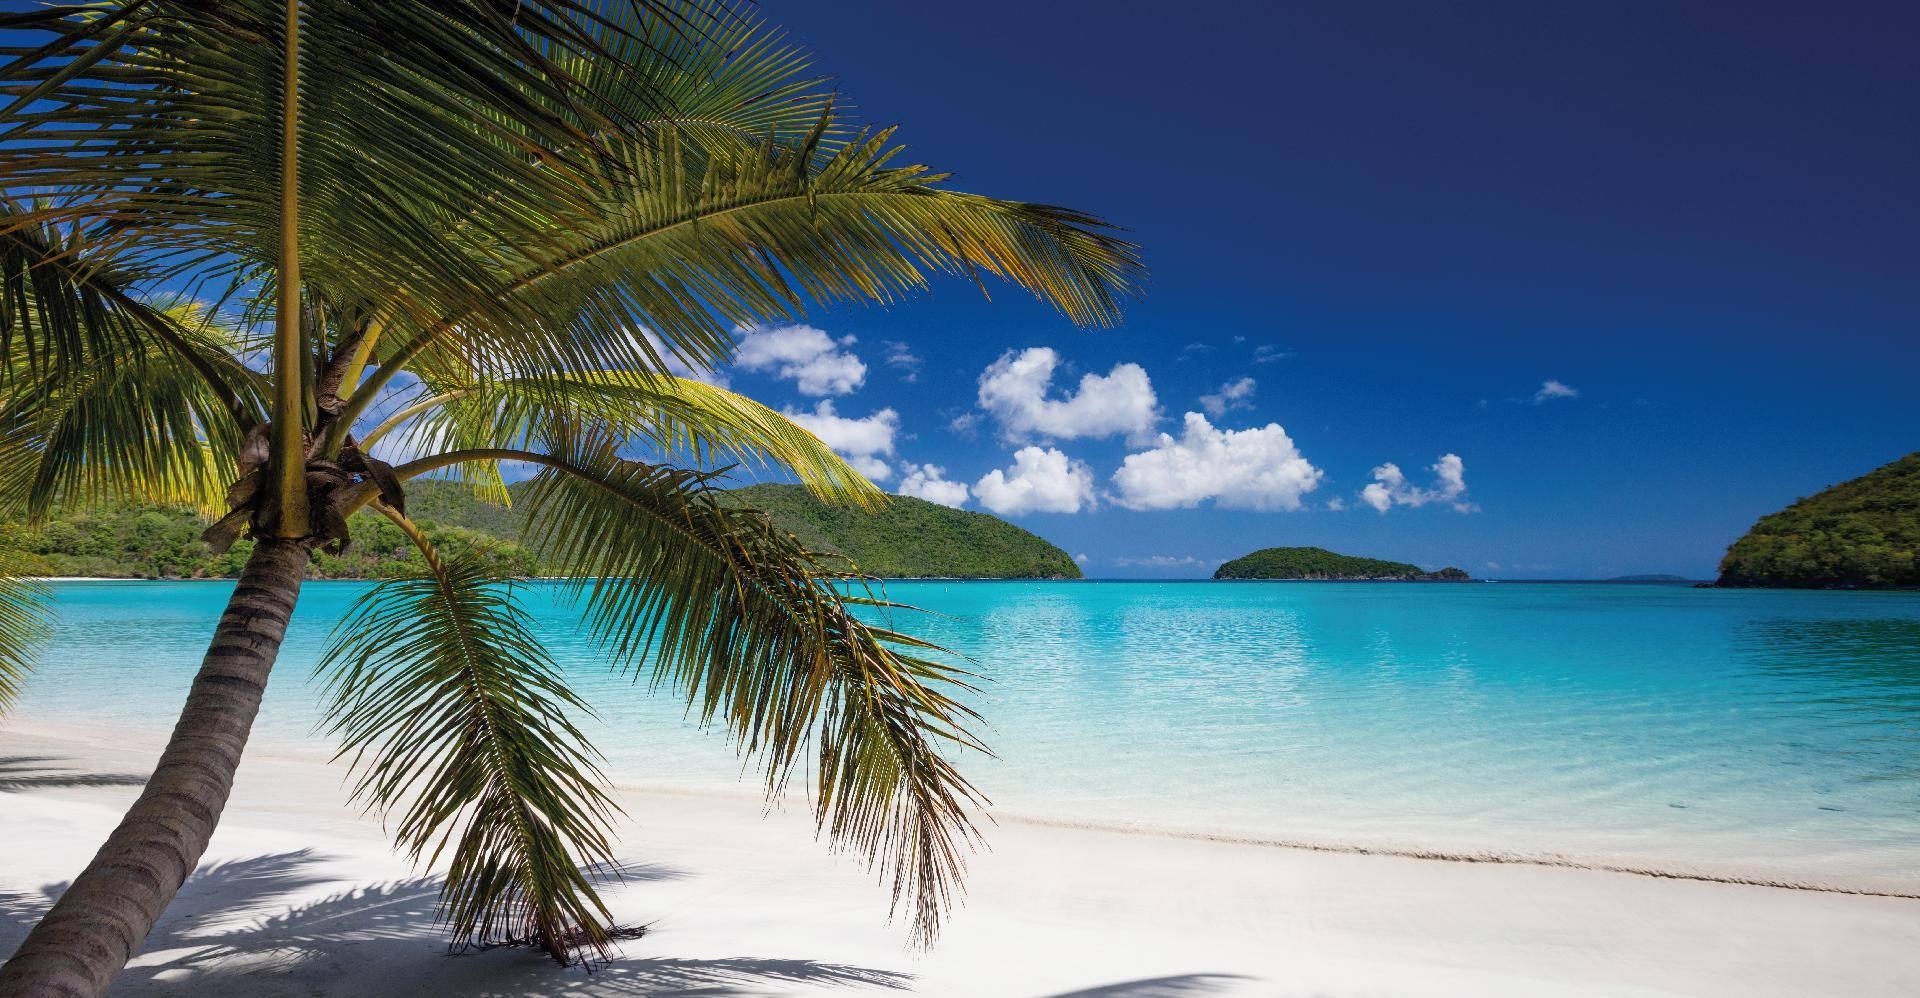 Tropical Beach Club